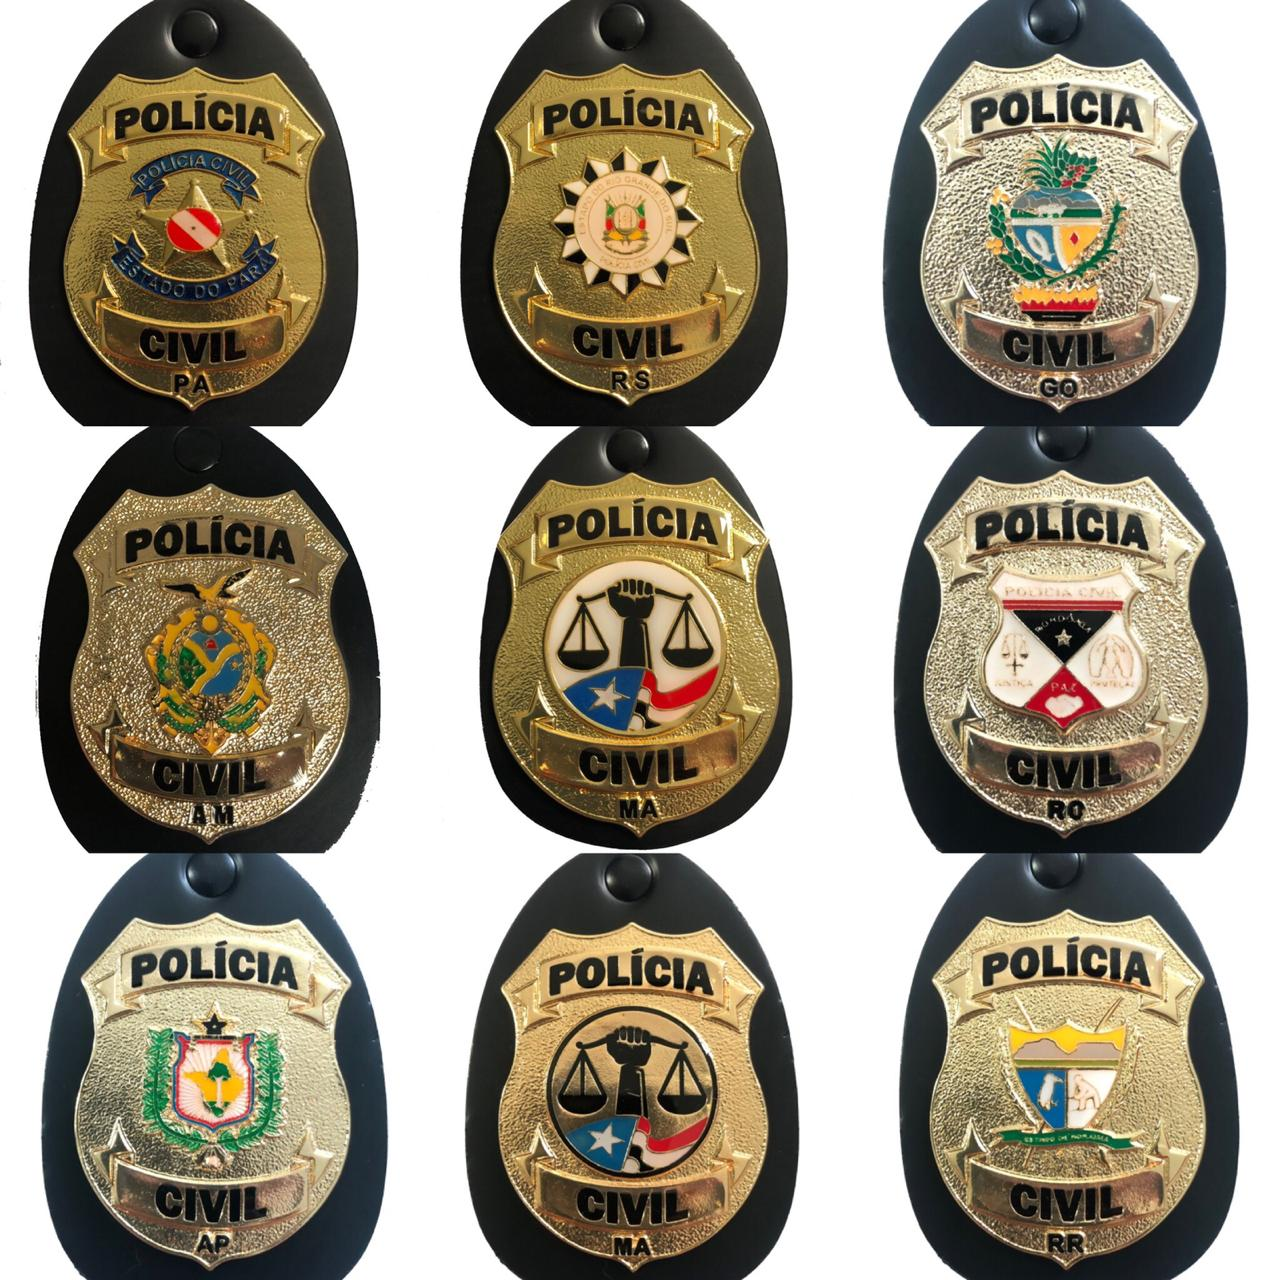 NOVOS Distintivos Polícia Civil dos Estados: AM/AP/GO/MA/PA/RO/RS/RR - Resolução Boletim Regimental 155/2017